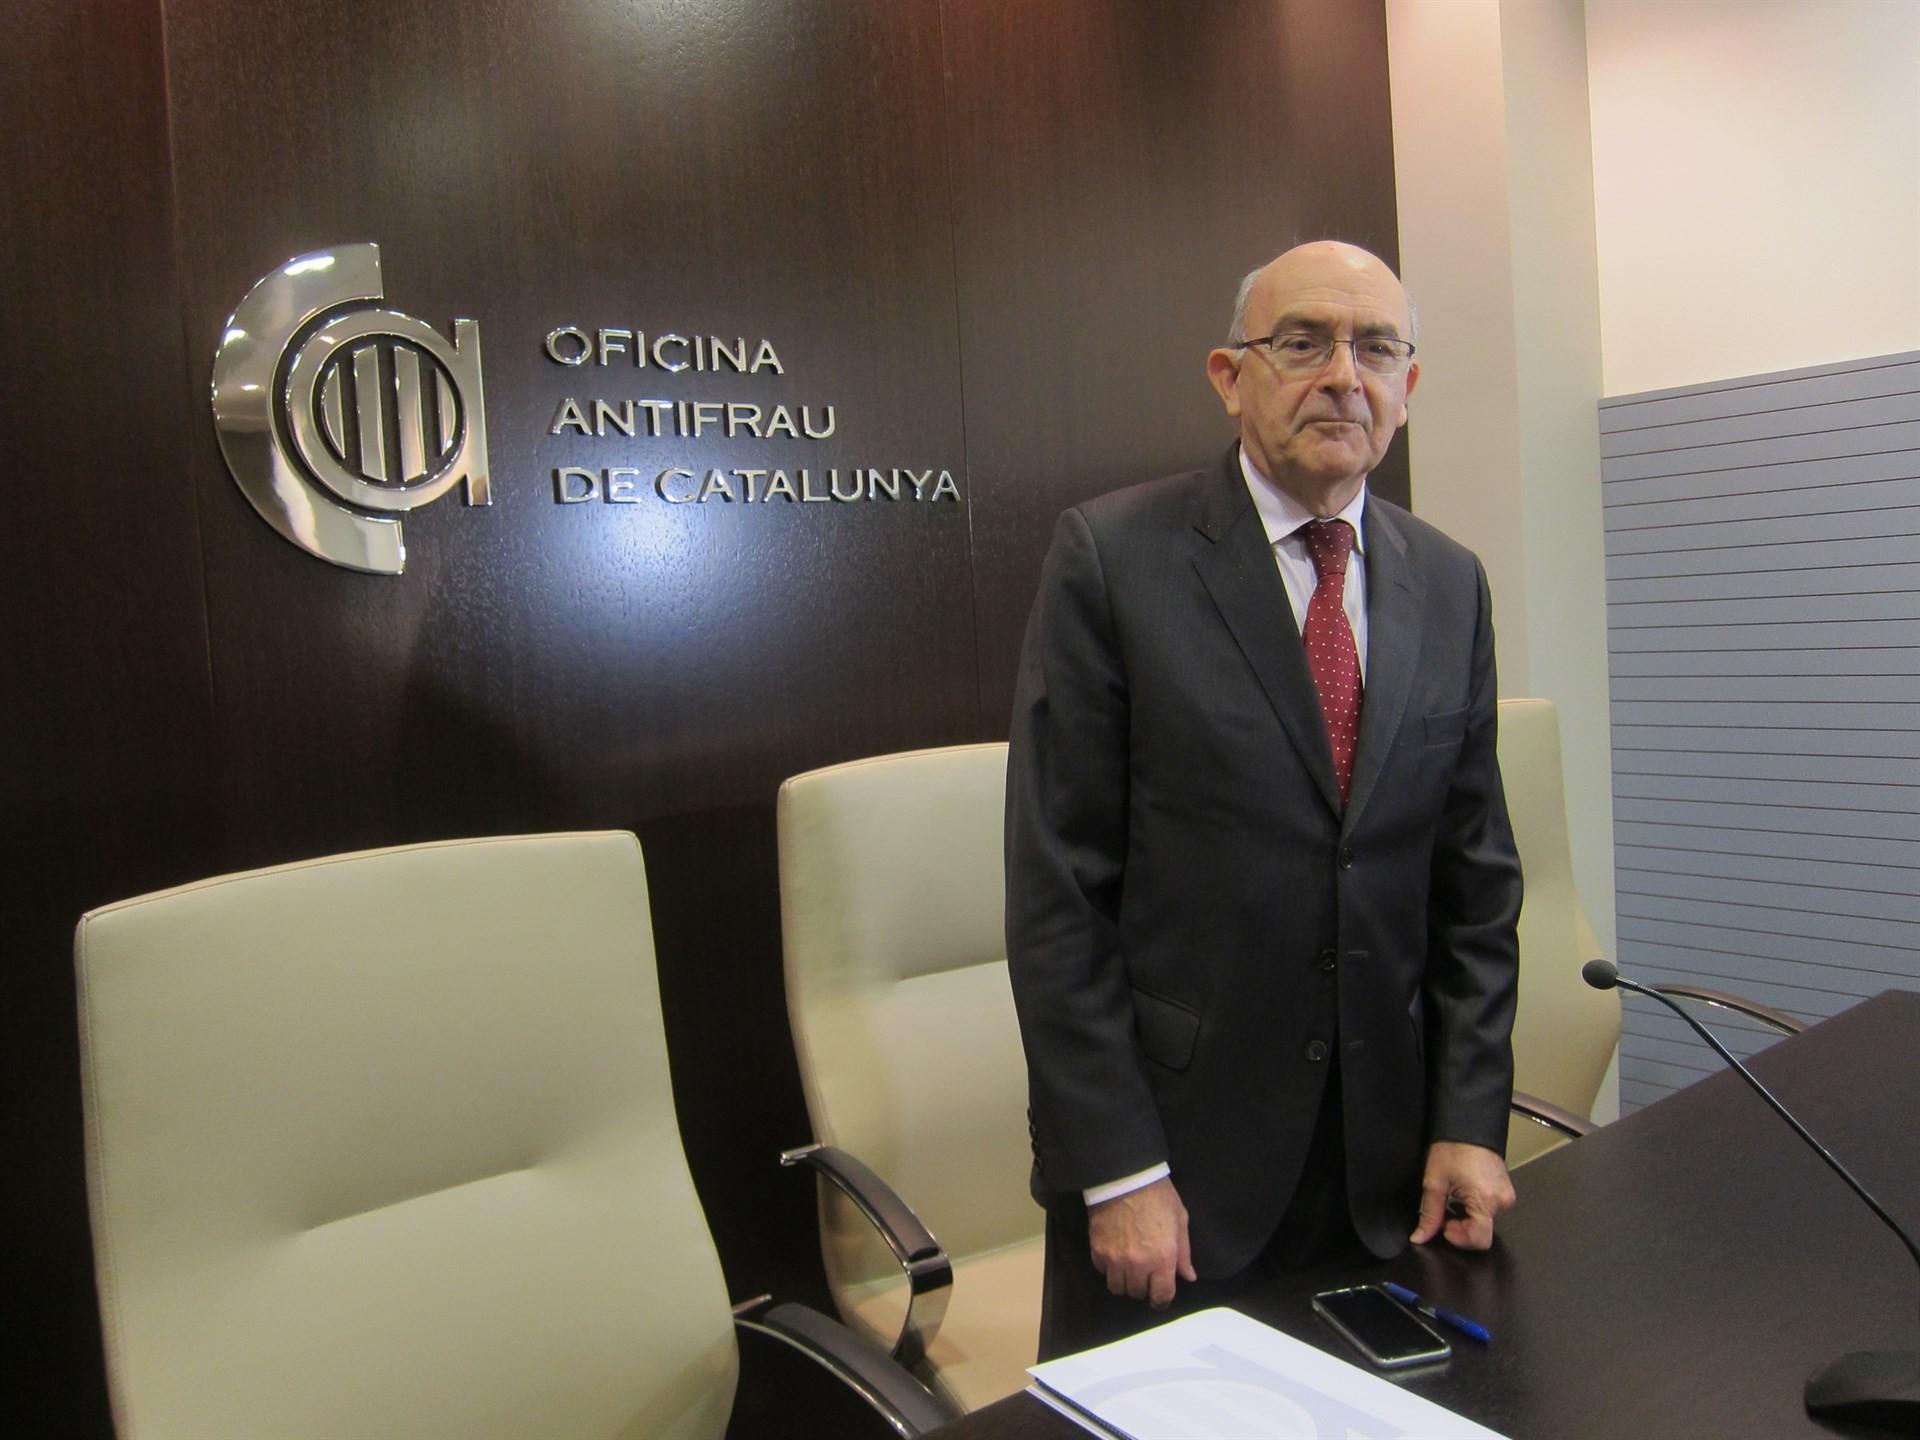 m s del 82 dels catalans creu que la corrupci a